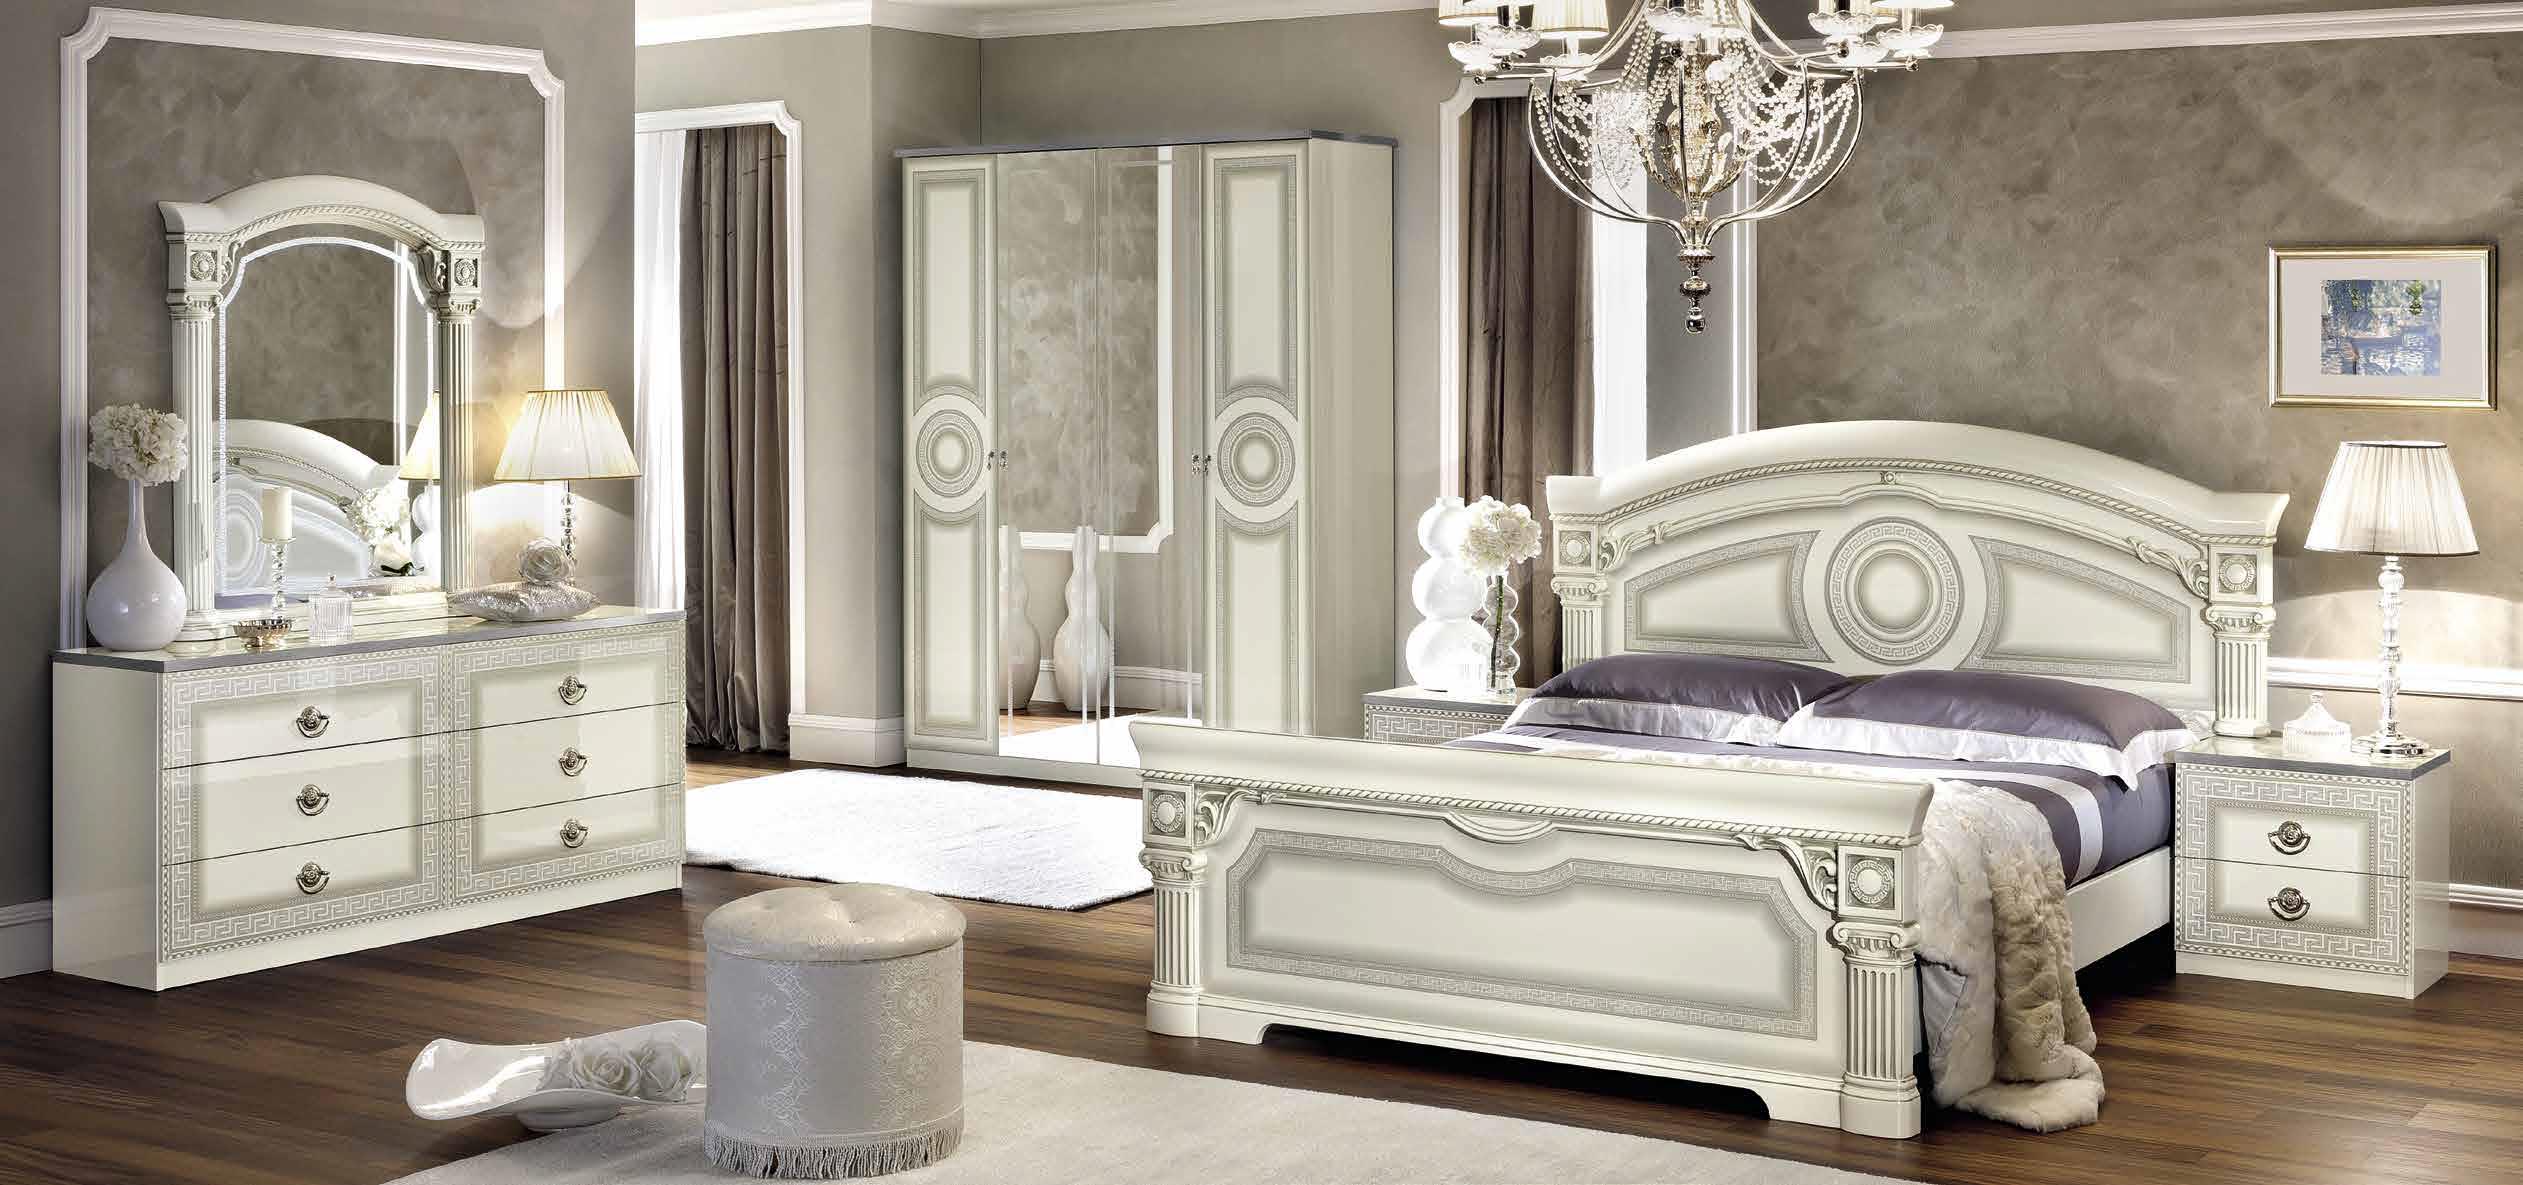 Schon Aida Weiss Silber Schlafzimmer